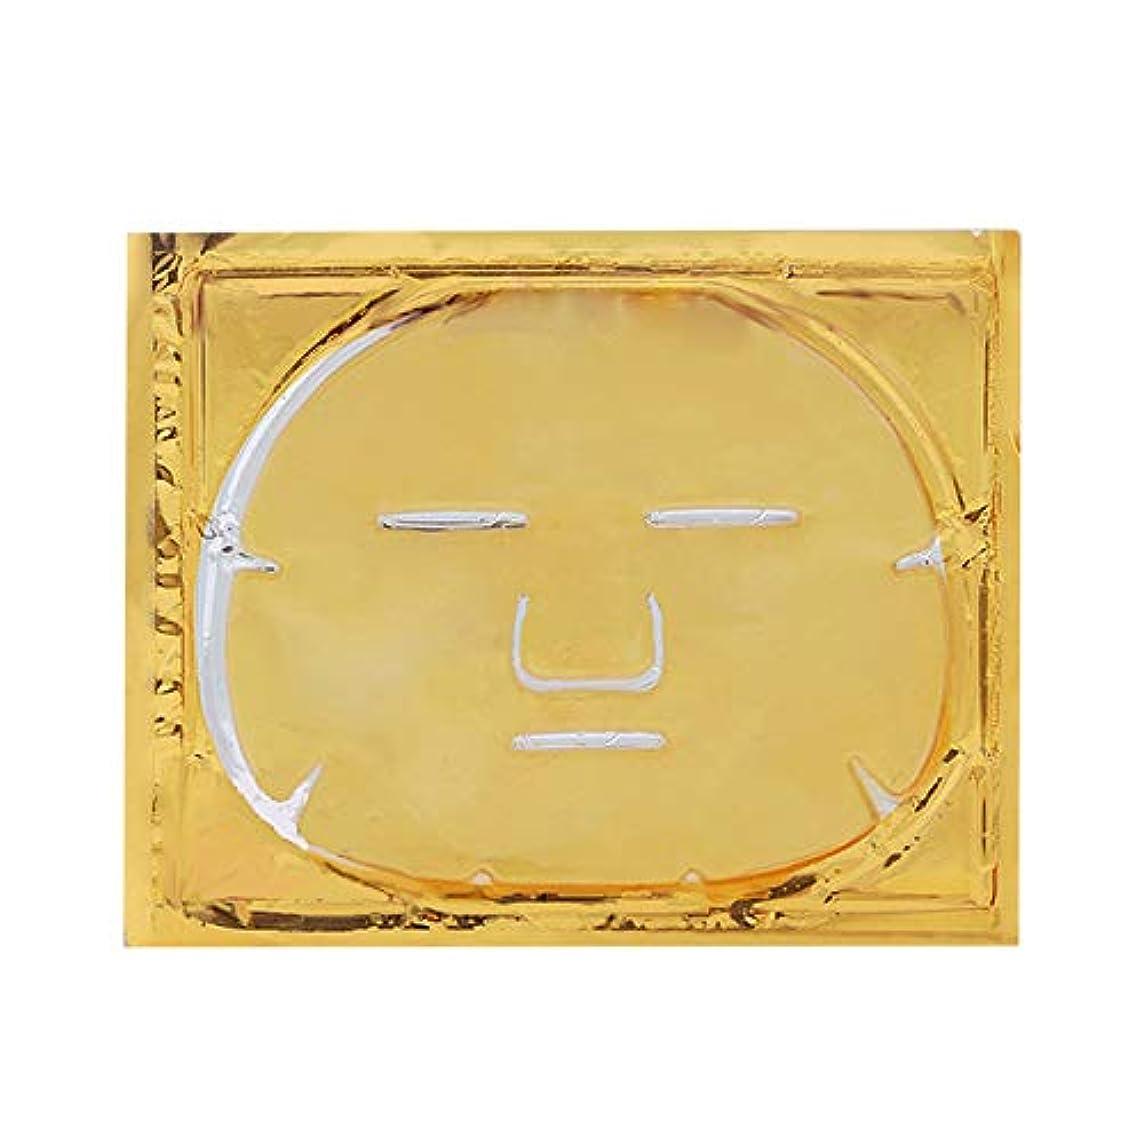 鍔交差点わかるTOOGOO ゴールド ゲル コラーゲン 水晶フェイシャル?マスク シート パッチ アンチエイジング、美白、むくみ、しわ、保湿、深部組織の若返りと水分補給用